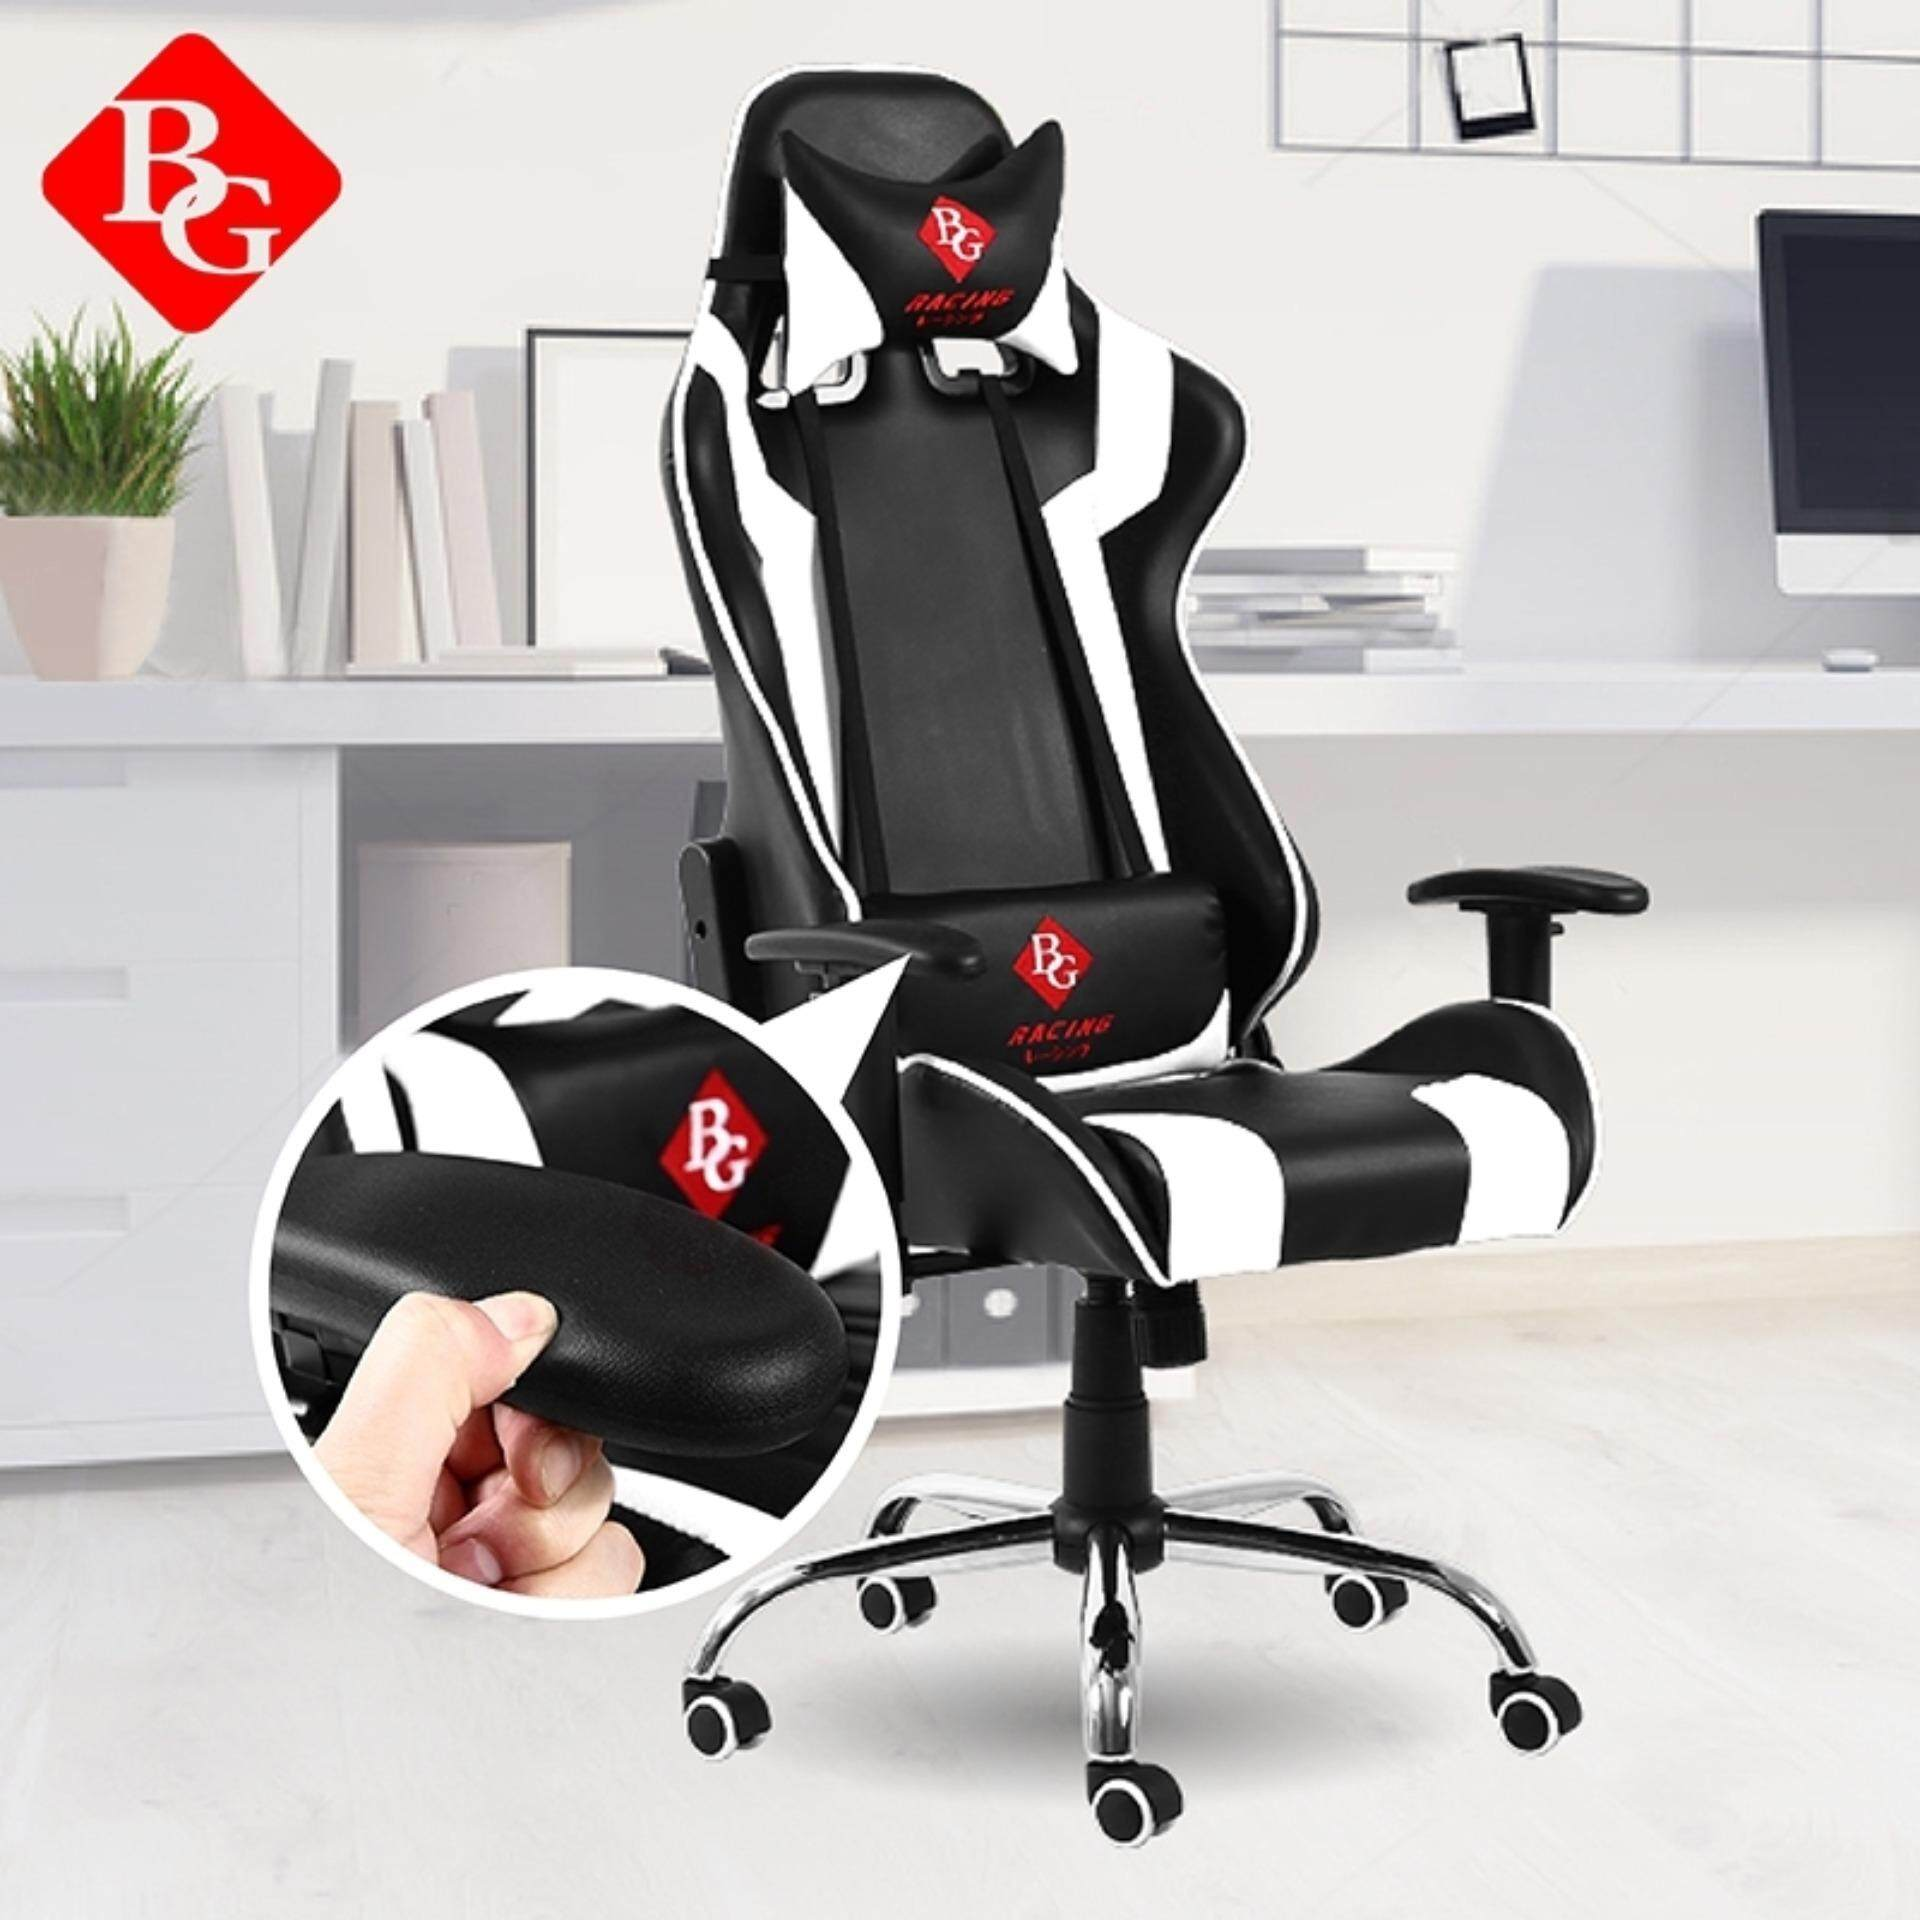 การใช้งาน  BG Furniture เก้าอี้เล่นเกม เก้าอี้เกมมิ่ง เก้าอี้คอเกม Racing Gaming Chair (White) - รุ่น G1